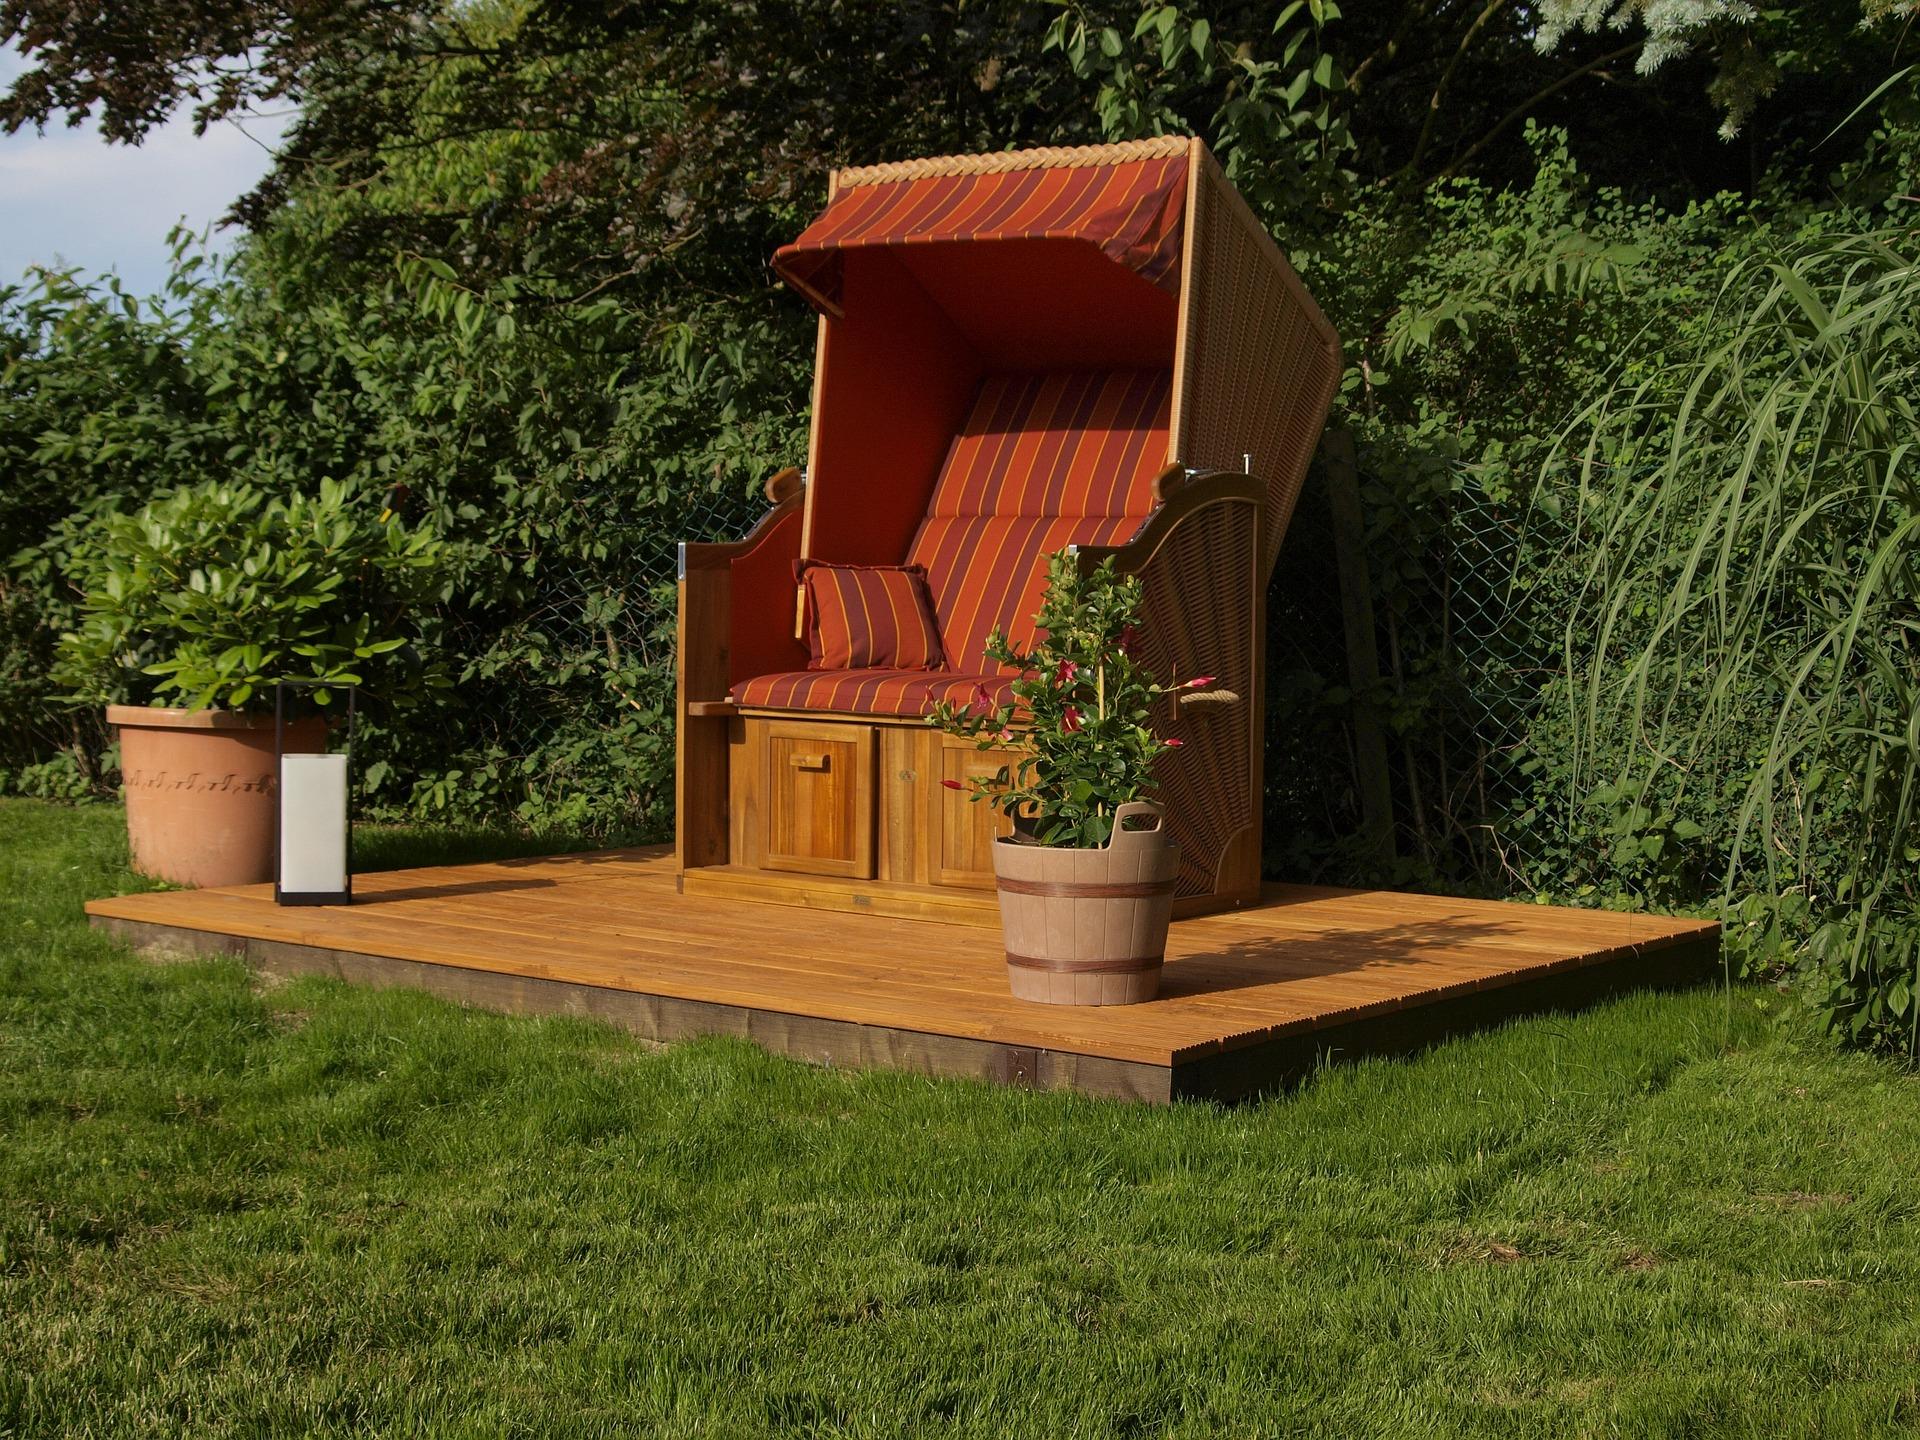 urlaub im eigenen garten mit strandk rben von. Black Bedroom Furniture Sets. Home Design Ideas